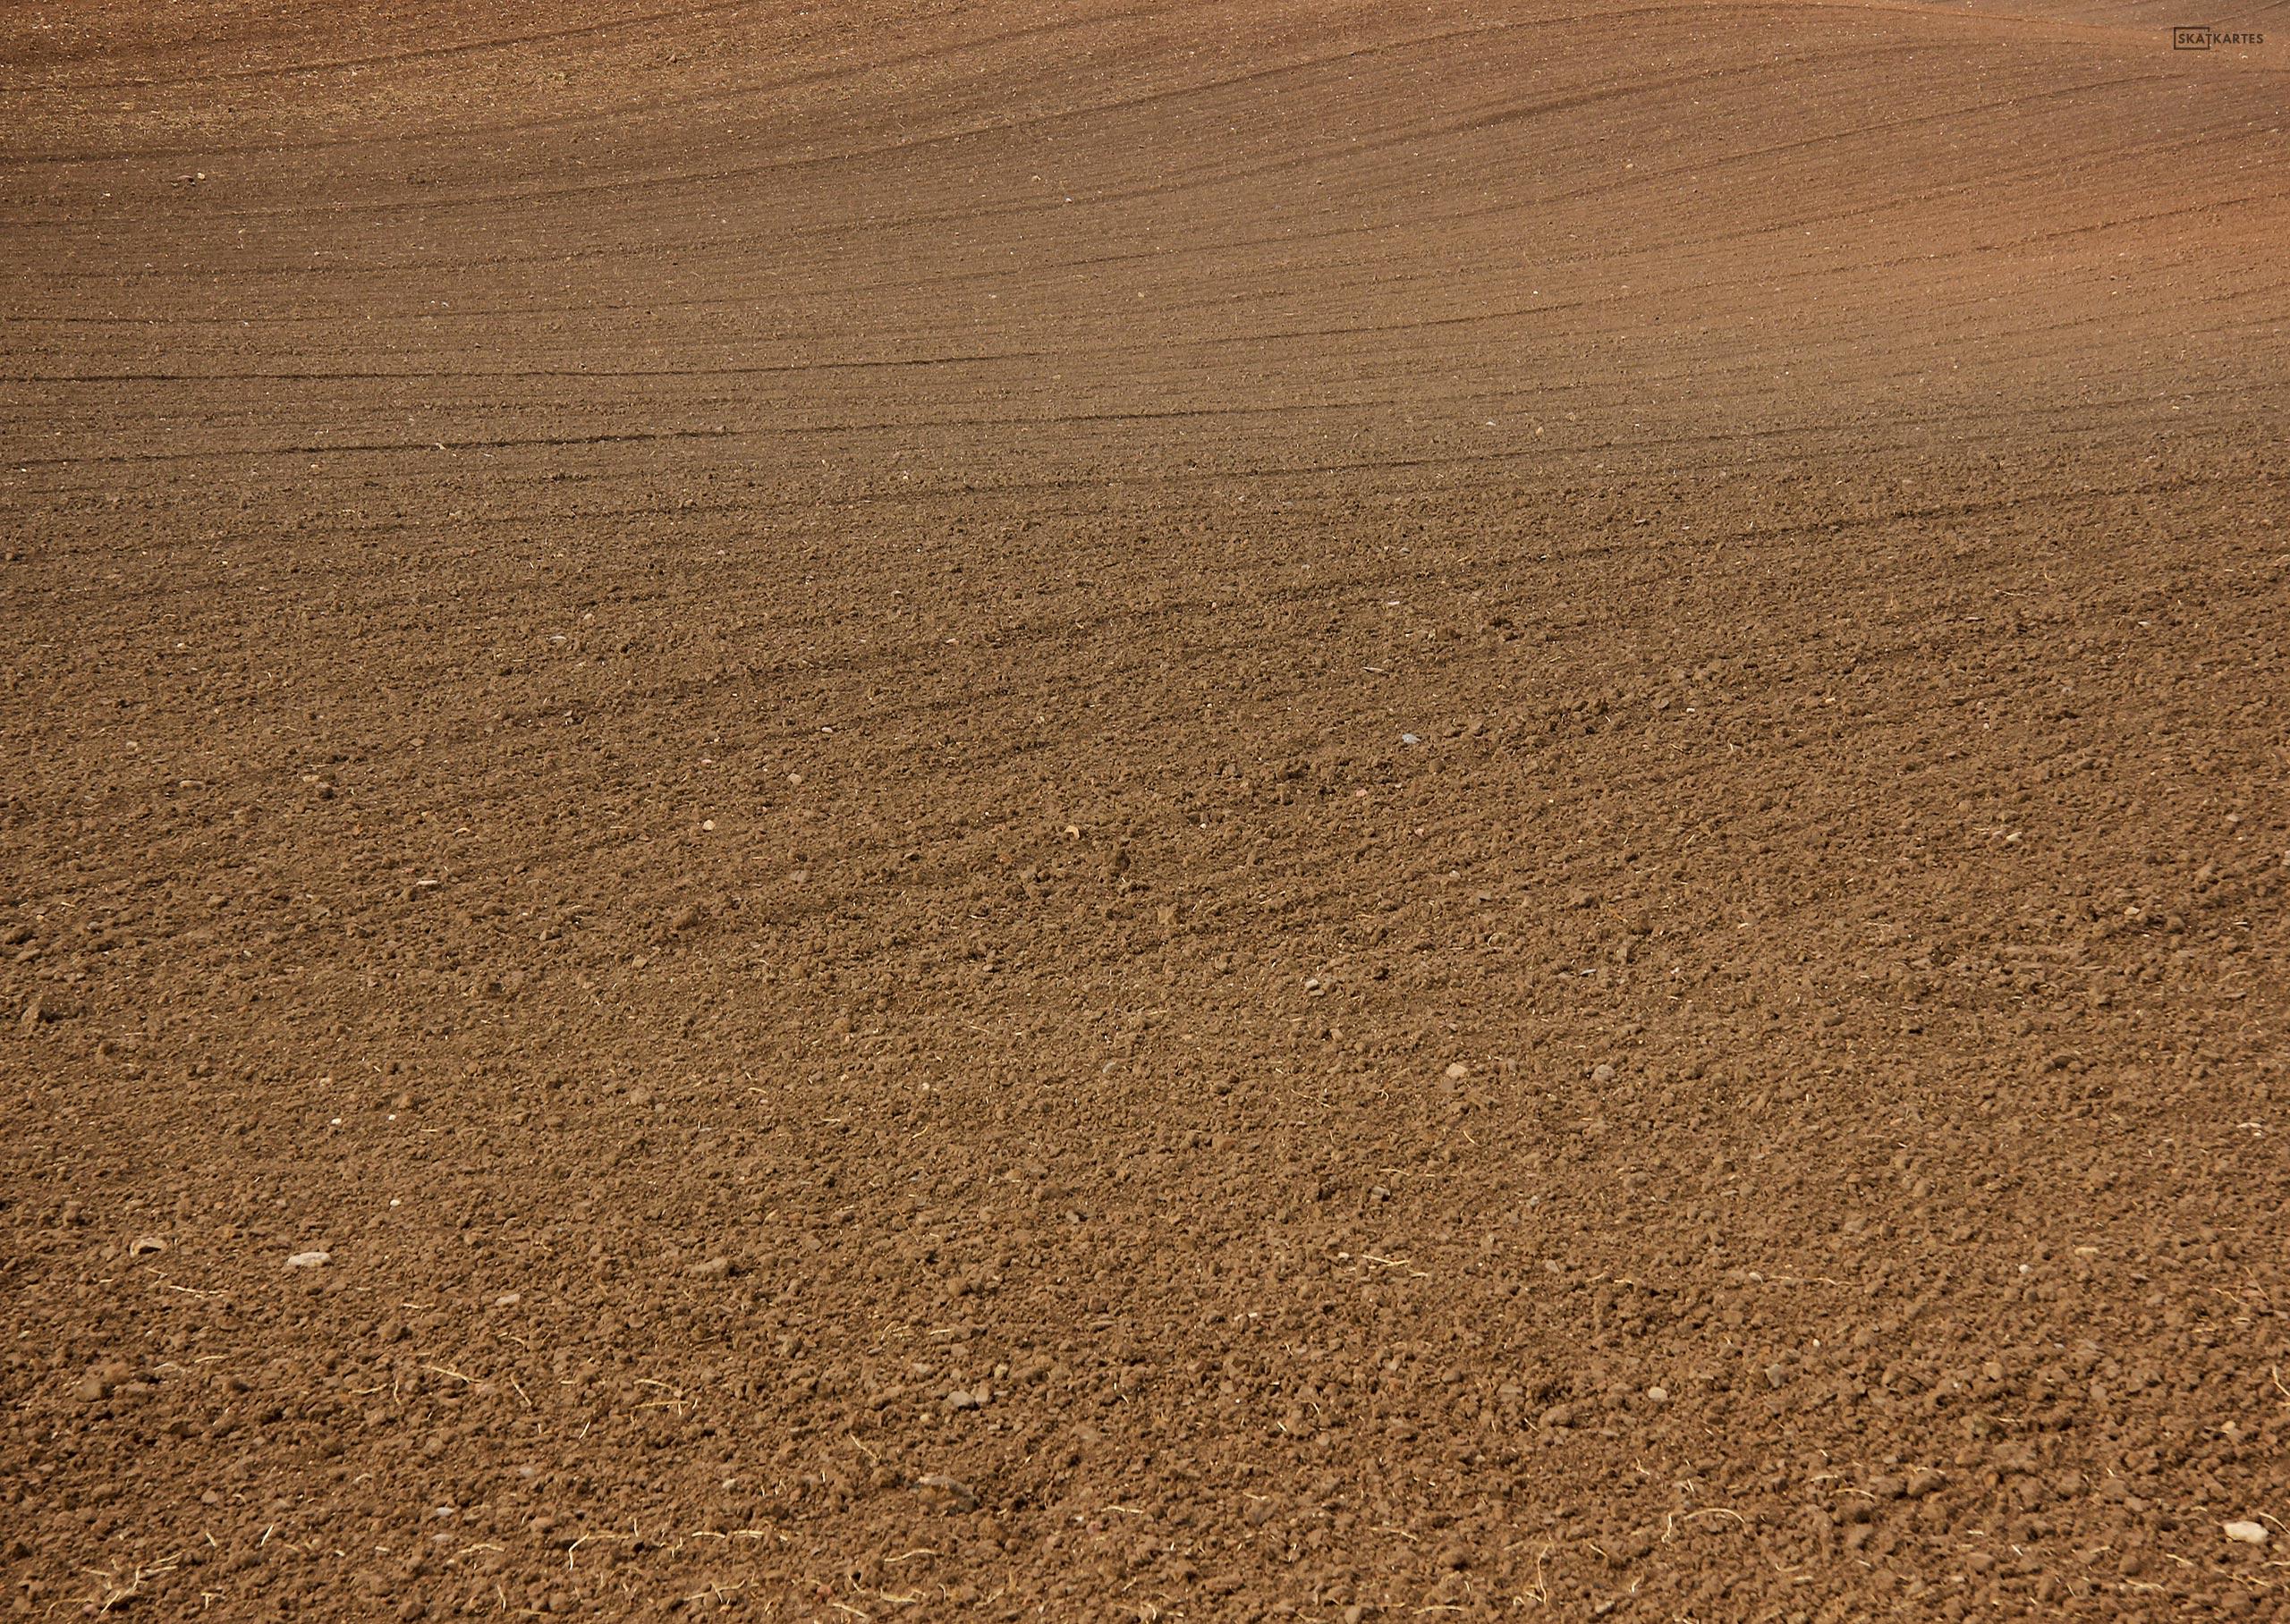 Latvija, Rīgas reģions, Kurzeme, Tukuma novads, Latvijas lauku ainava, pavasaris, dabasskati, lauks, labības lauks, brūna, 2016, ekrāntapete, wallpaper, fotogrāfija, pastkarte,